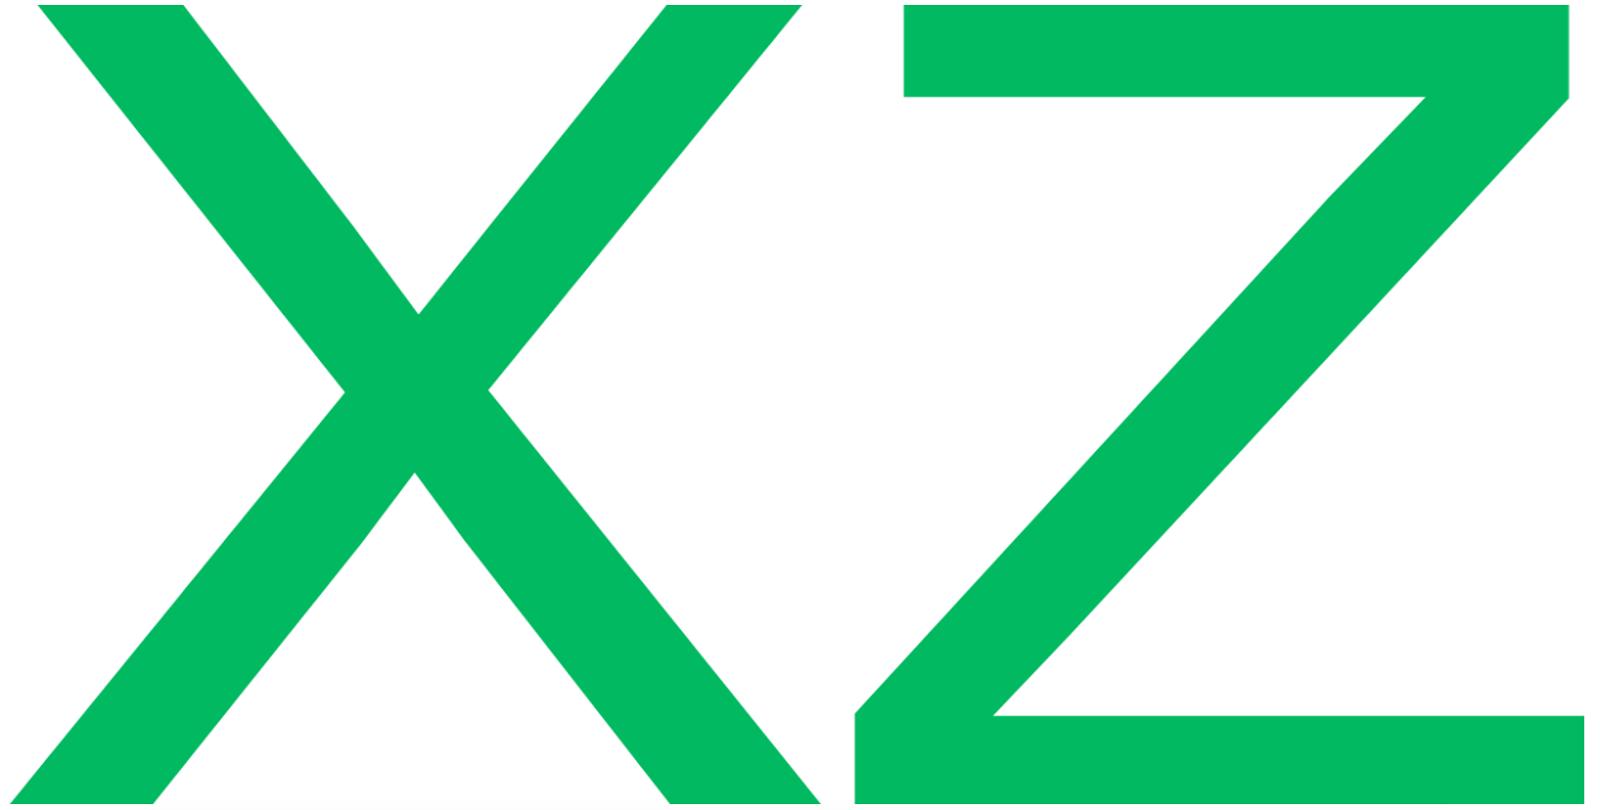 projecte xarxa zande